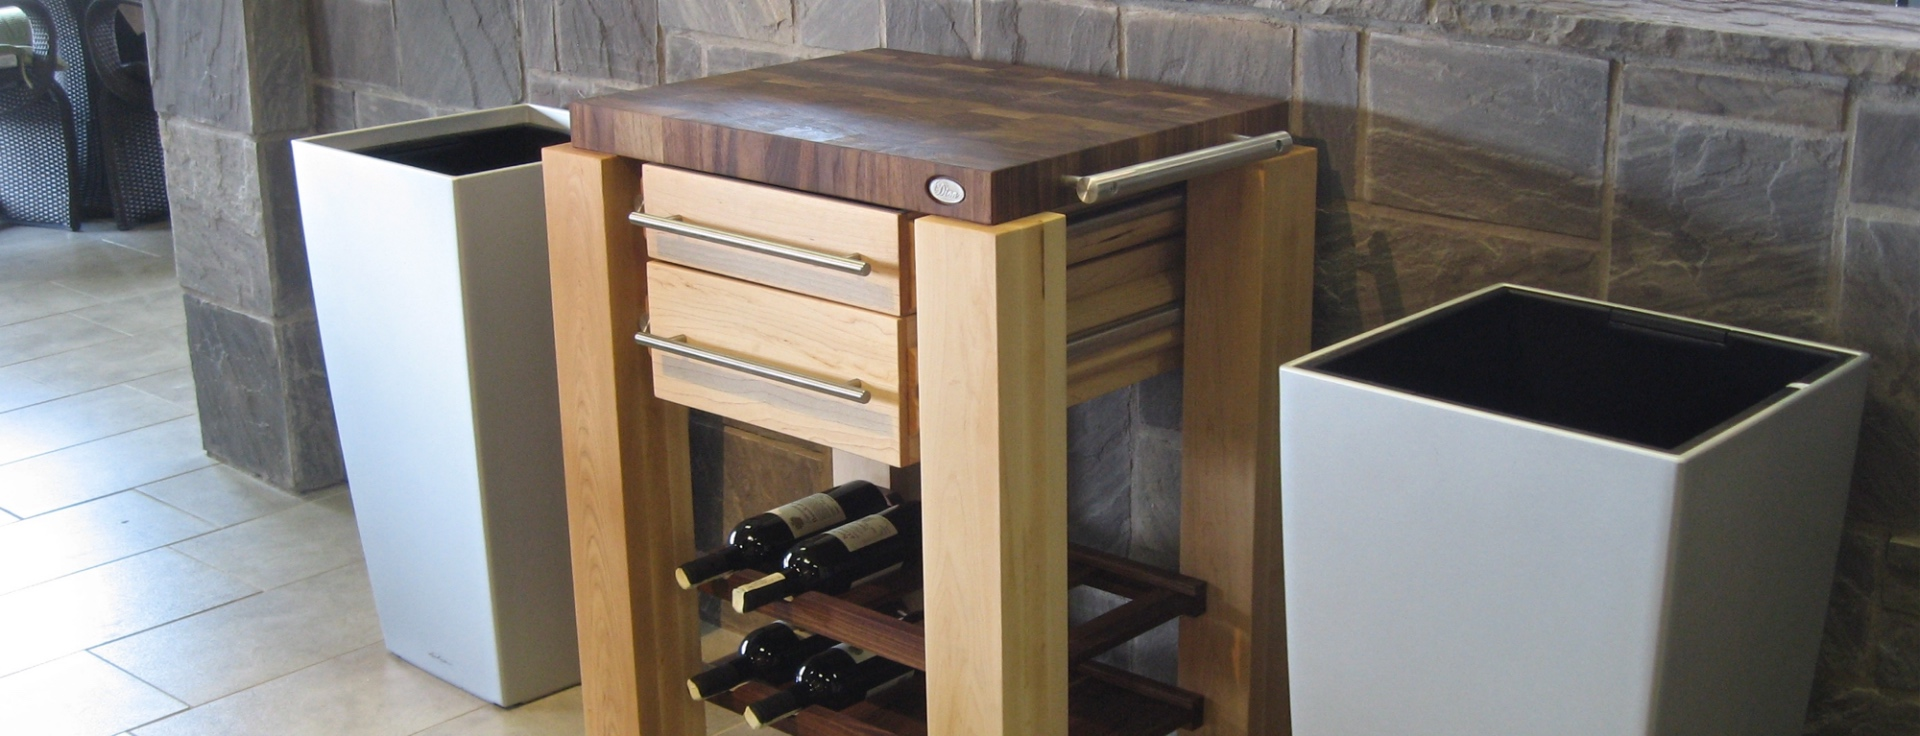 design bloc de boucher a vendre cuisine design et d coration photos. Black Bedroom Furniture Sets. Home Design Ideas